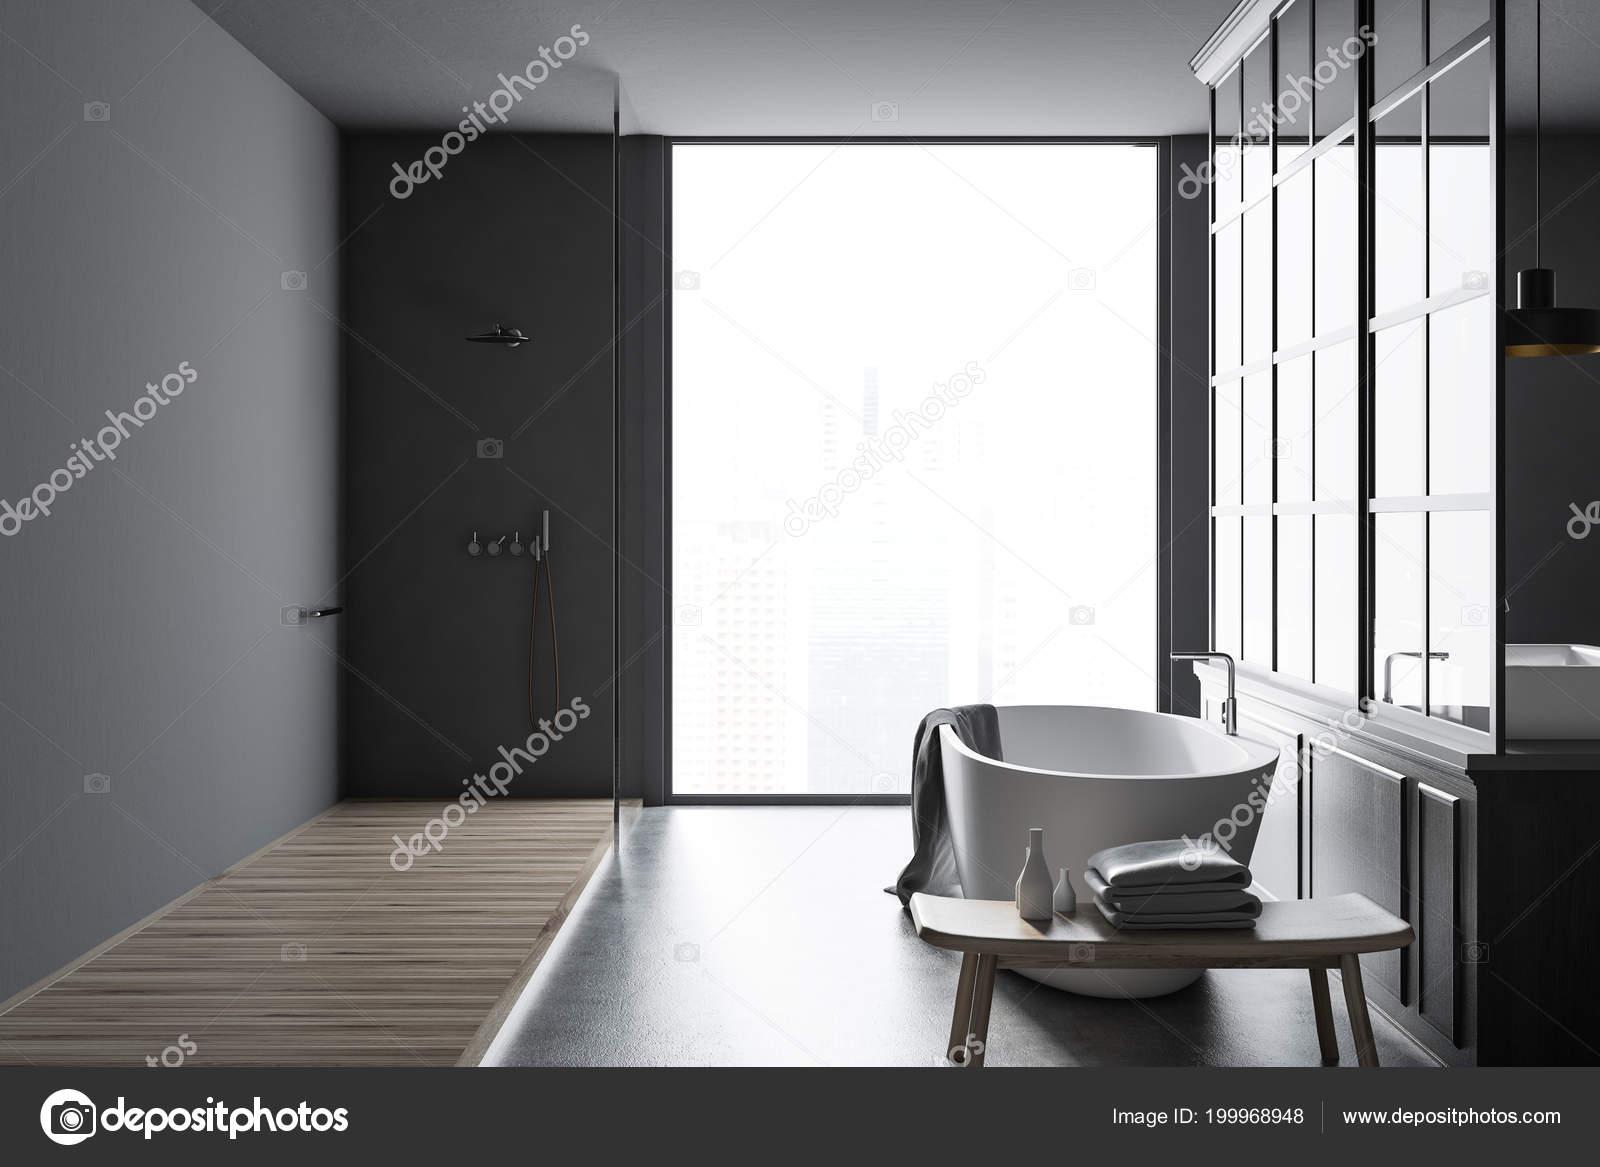 Decoratie Badkamer Muur : Grijze muur badkamer interieur met een metalen decoratie details een